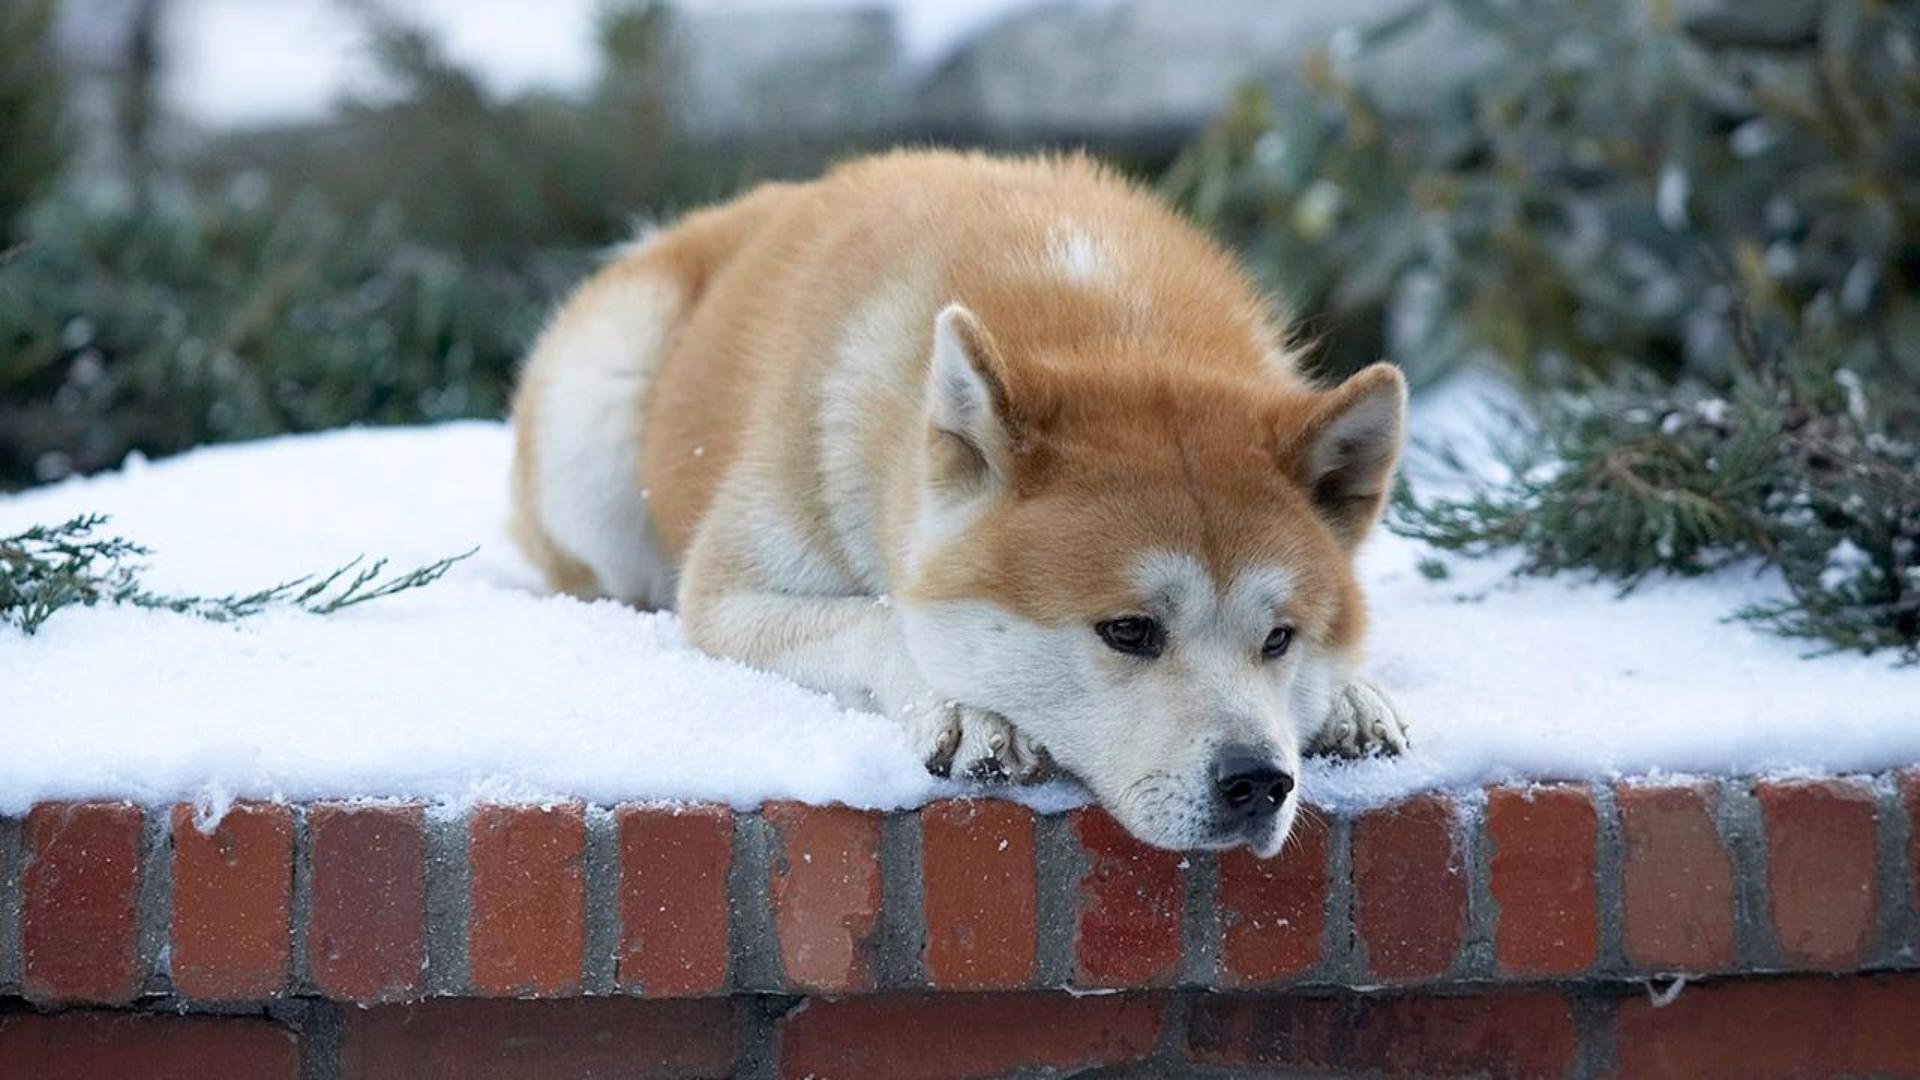 狗狗的一生都在等待主人,它不知道主人已经去世,高分催泪电影